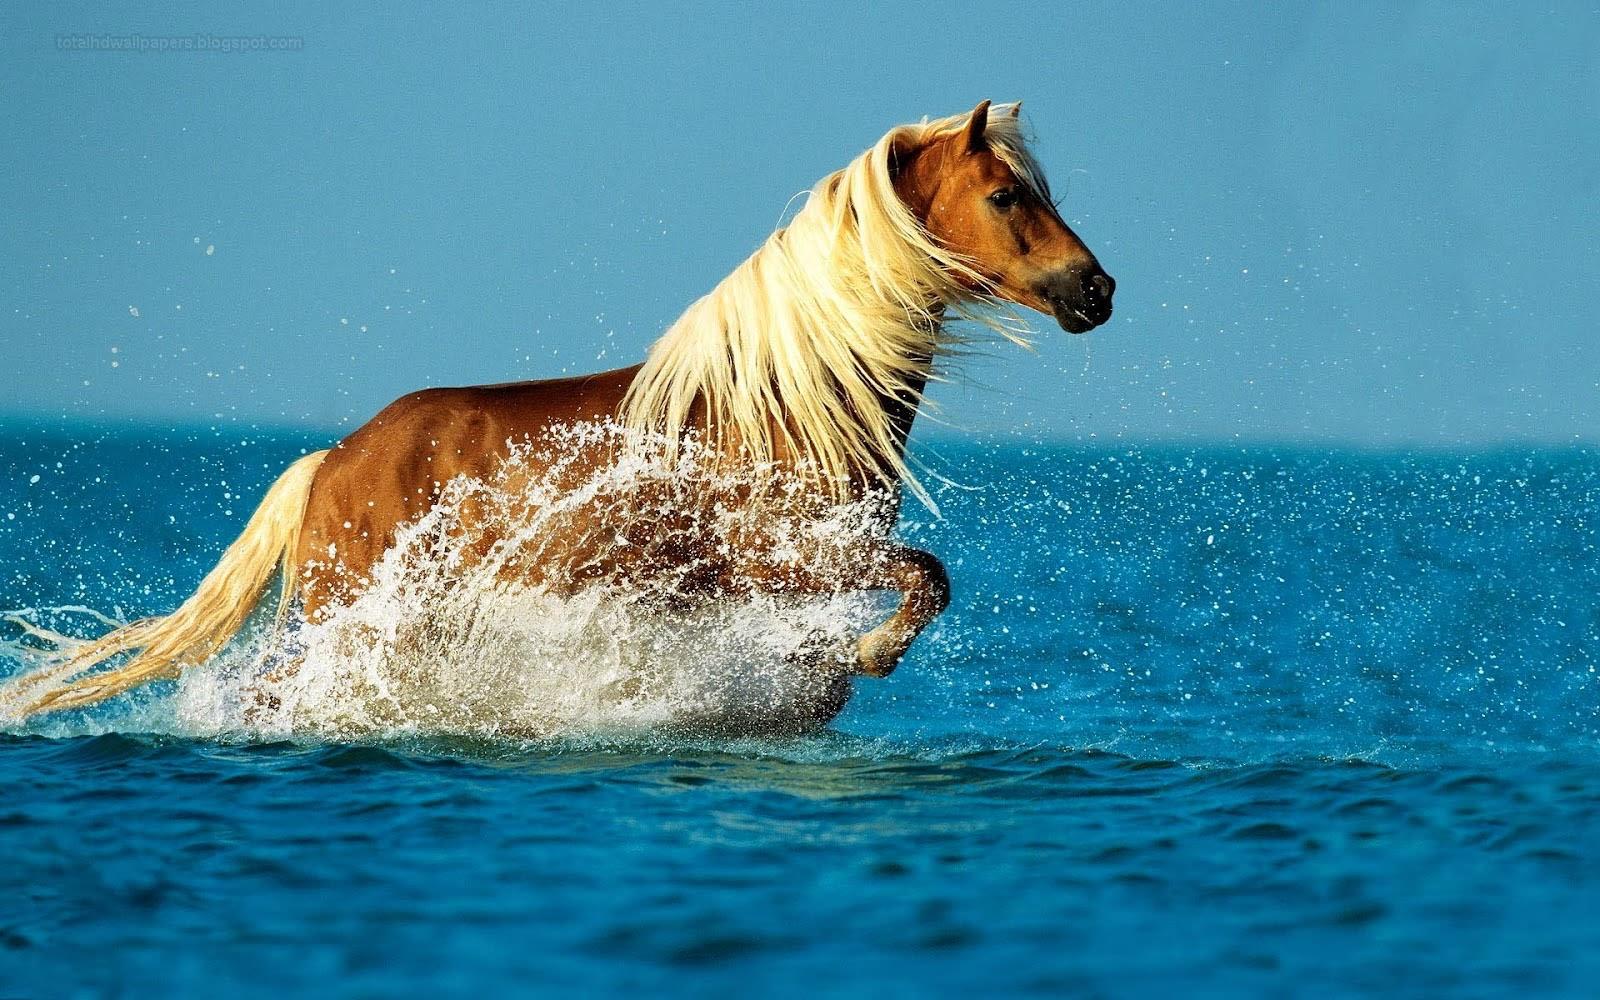 Fantastic   Wallpaper Horse Water - horse+wallpapers+hd+(3)  Pic_452392.jpg